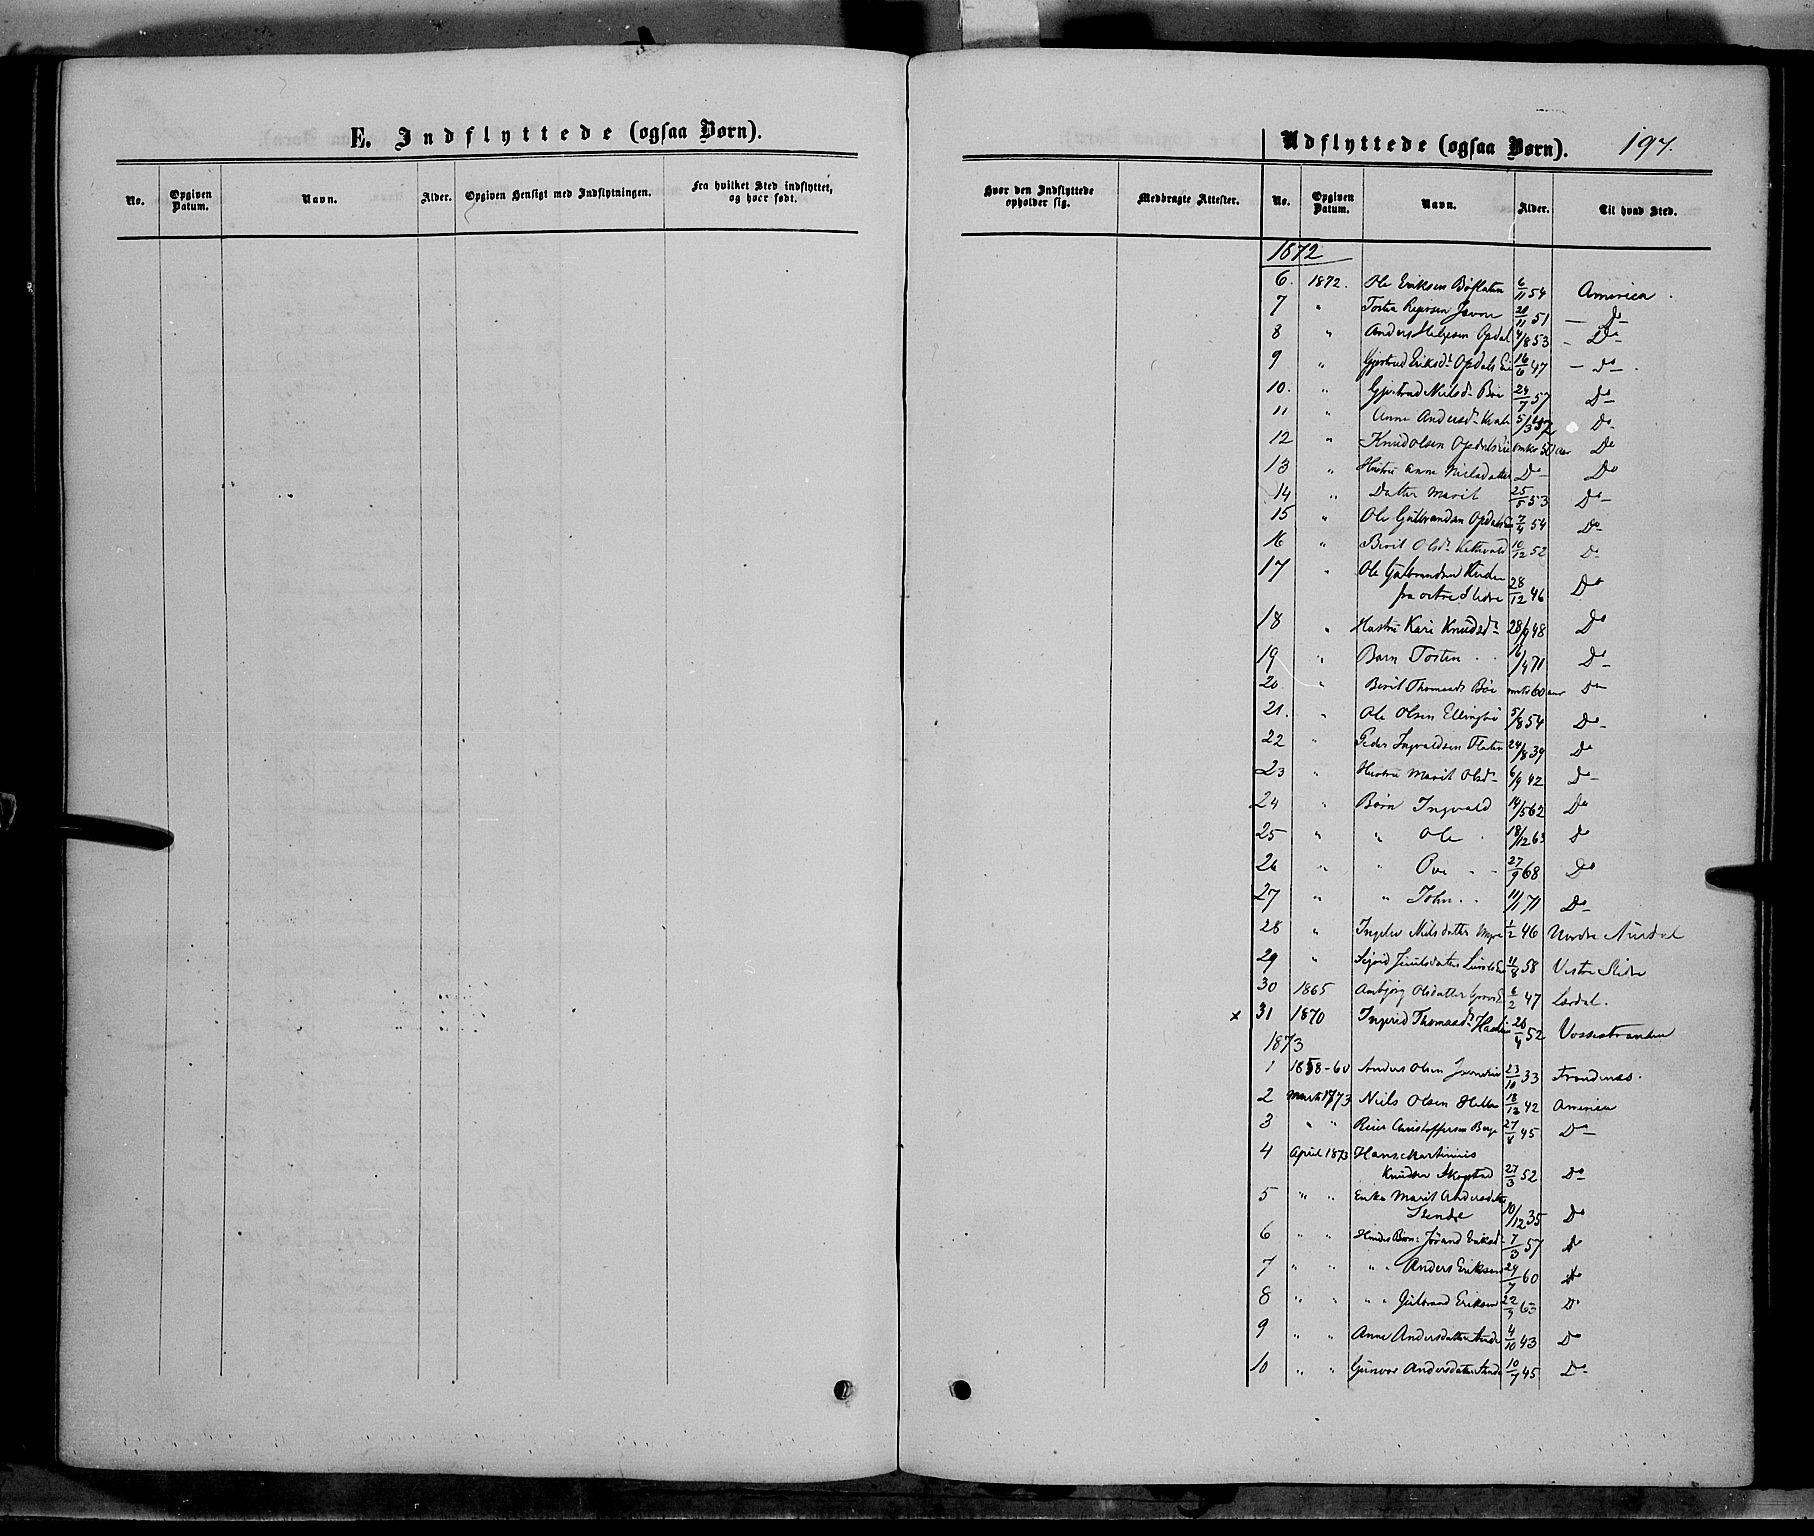 SAH, Vang prestekontor, Valdres, Ministerialbok nr. 7, 1865-1881, s. 197